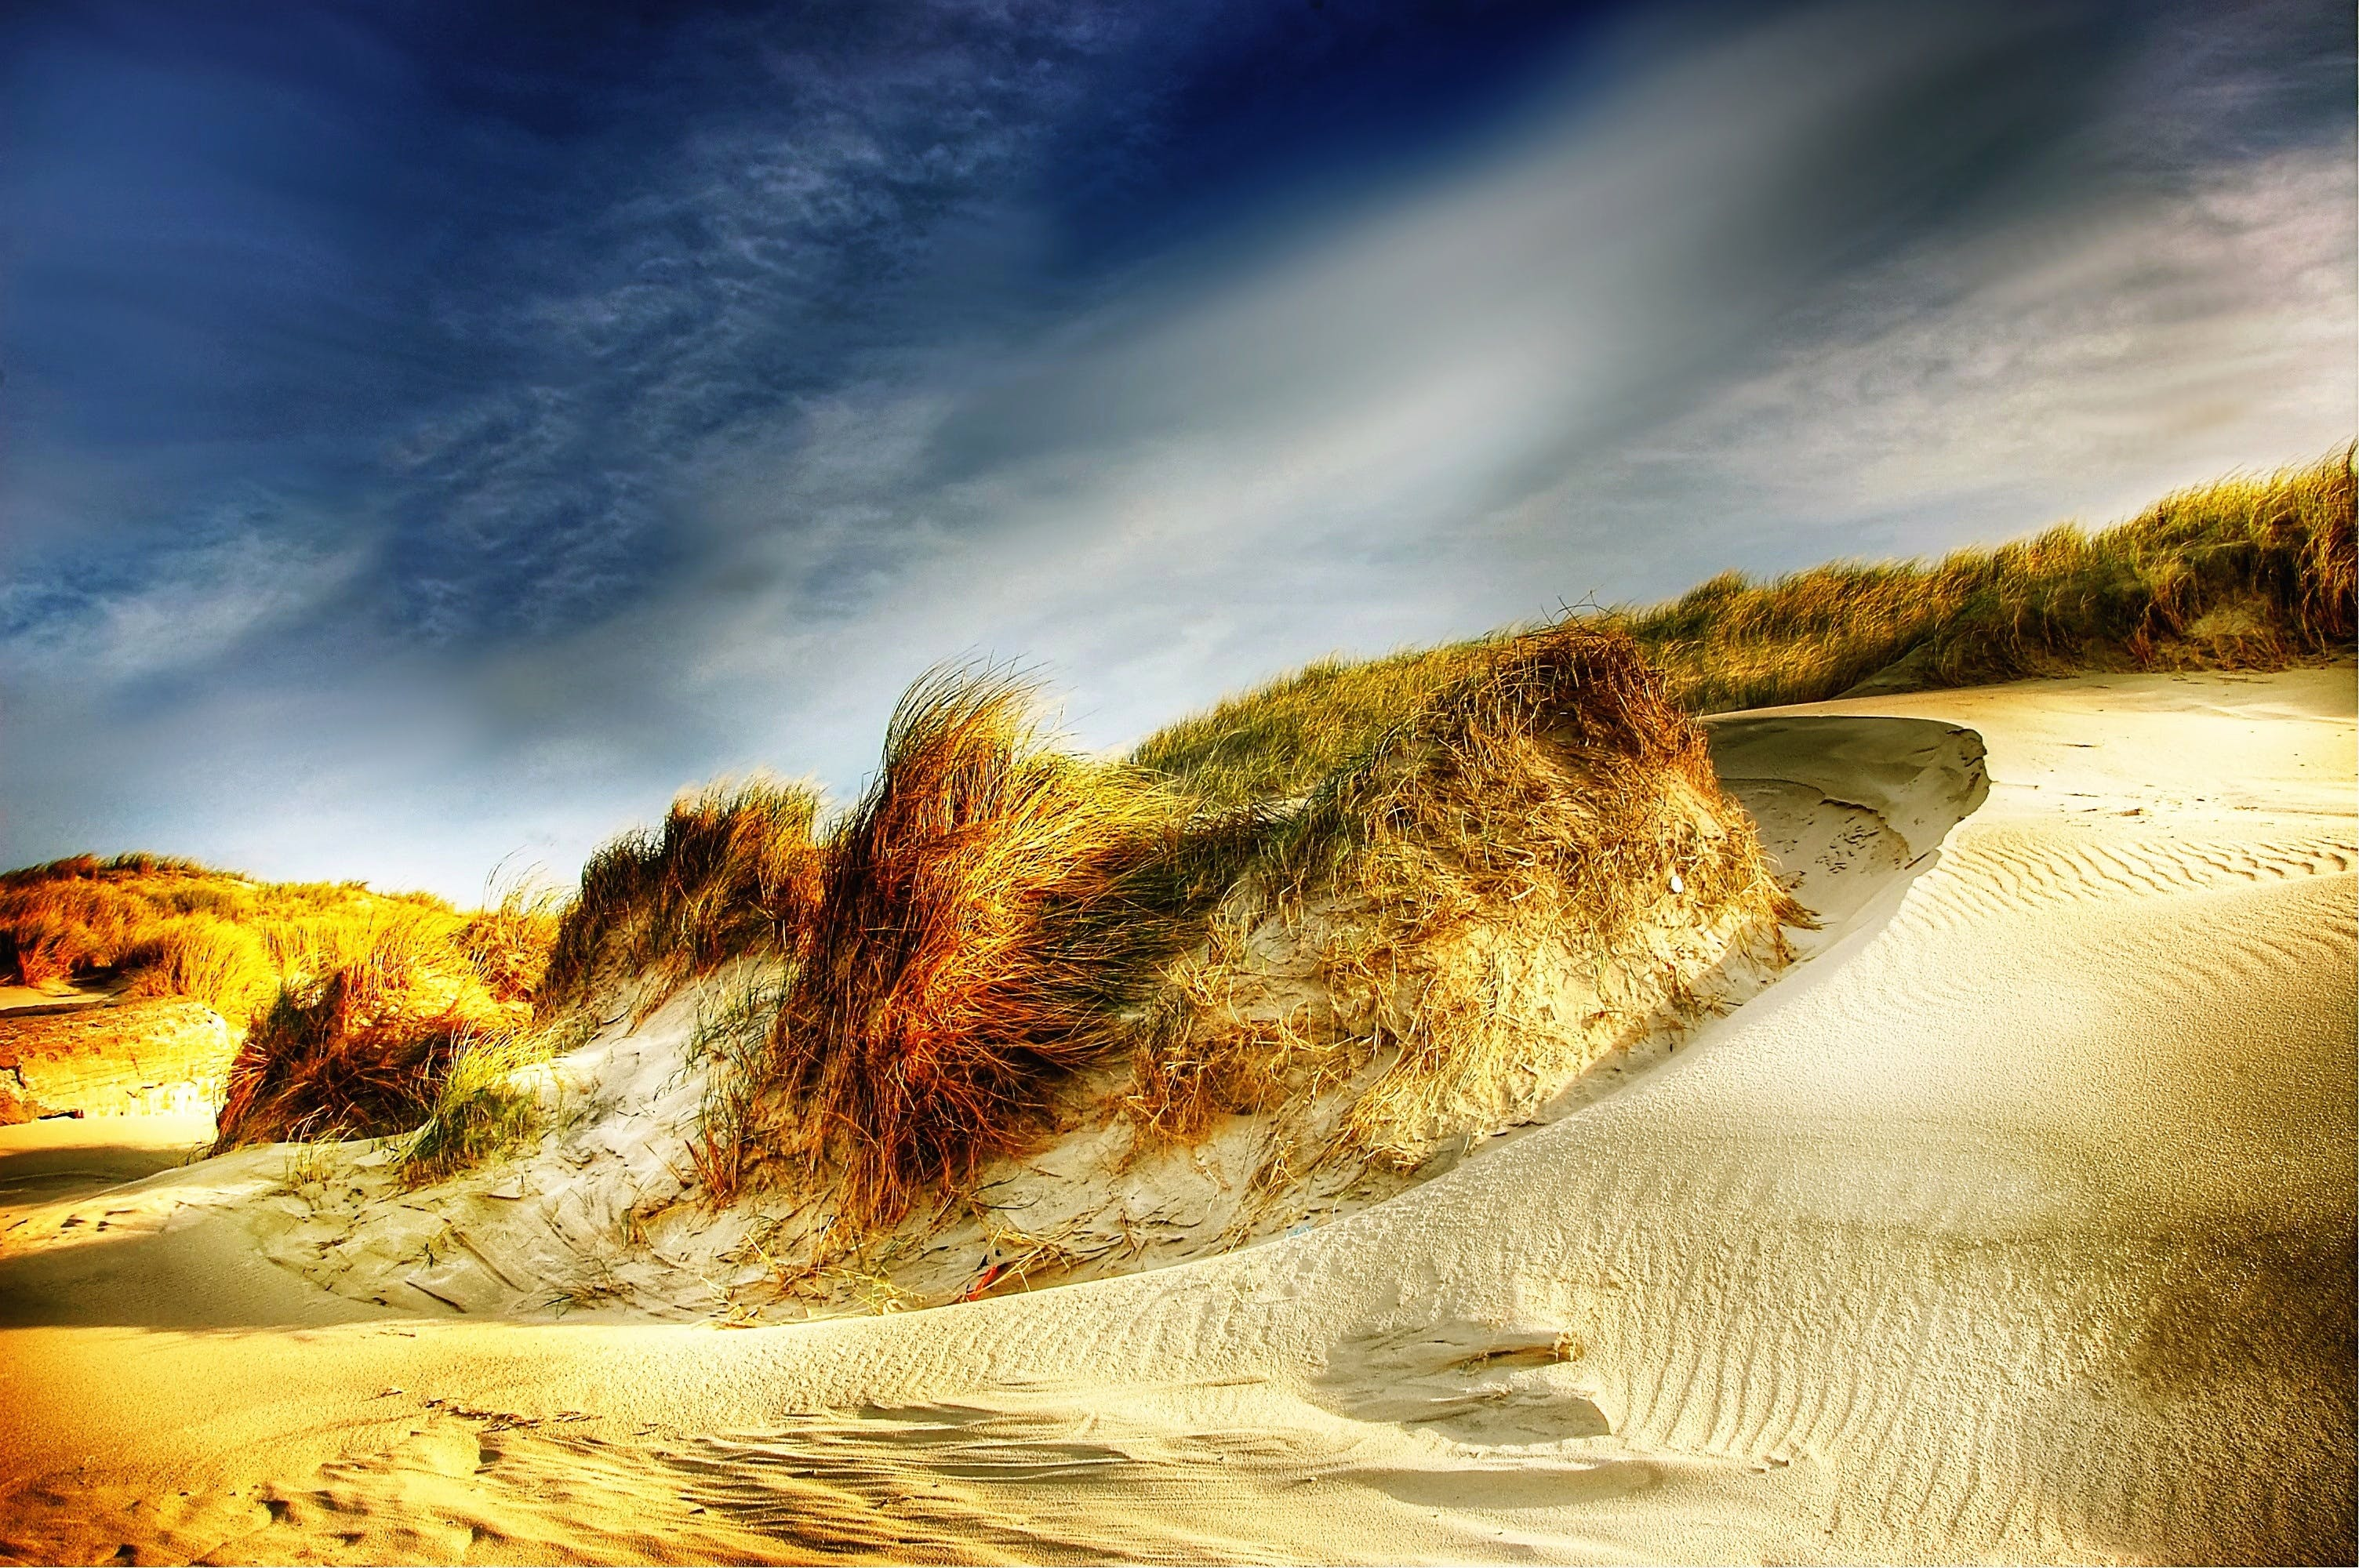 blue, clouds, dunes